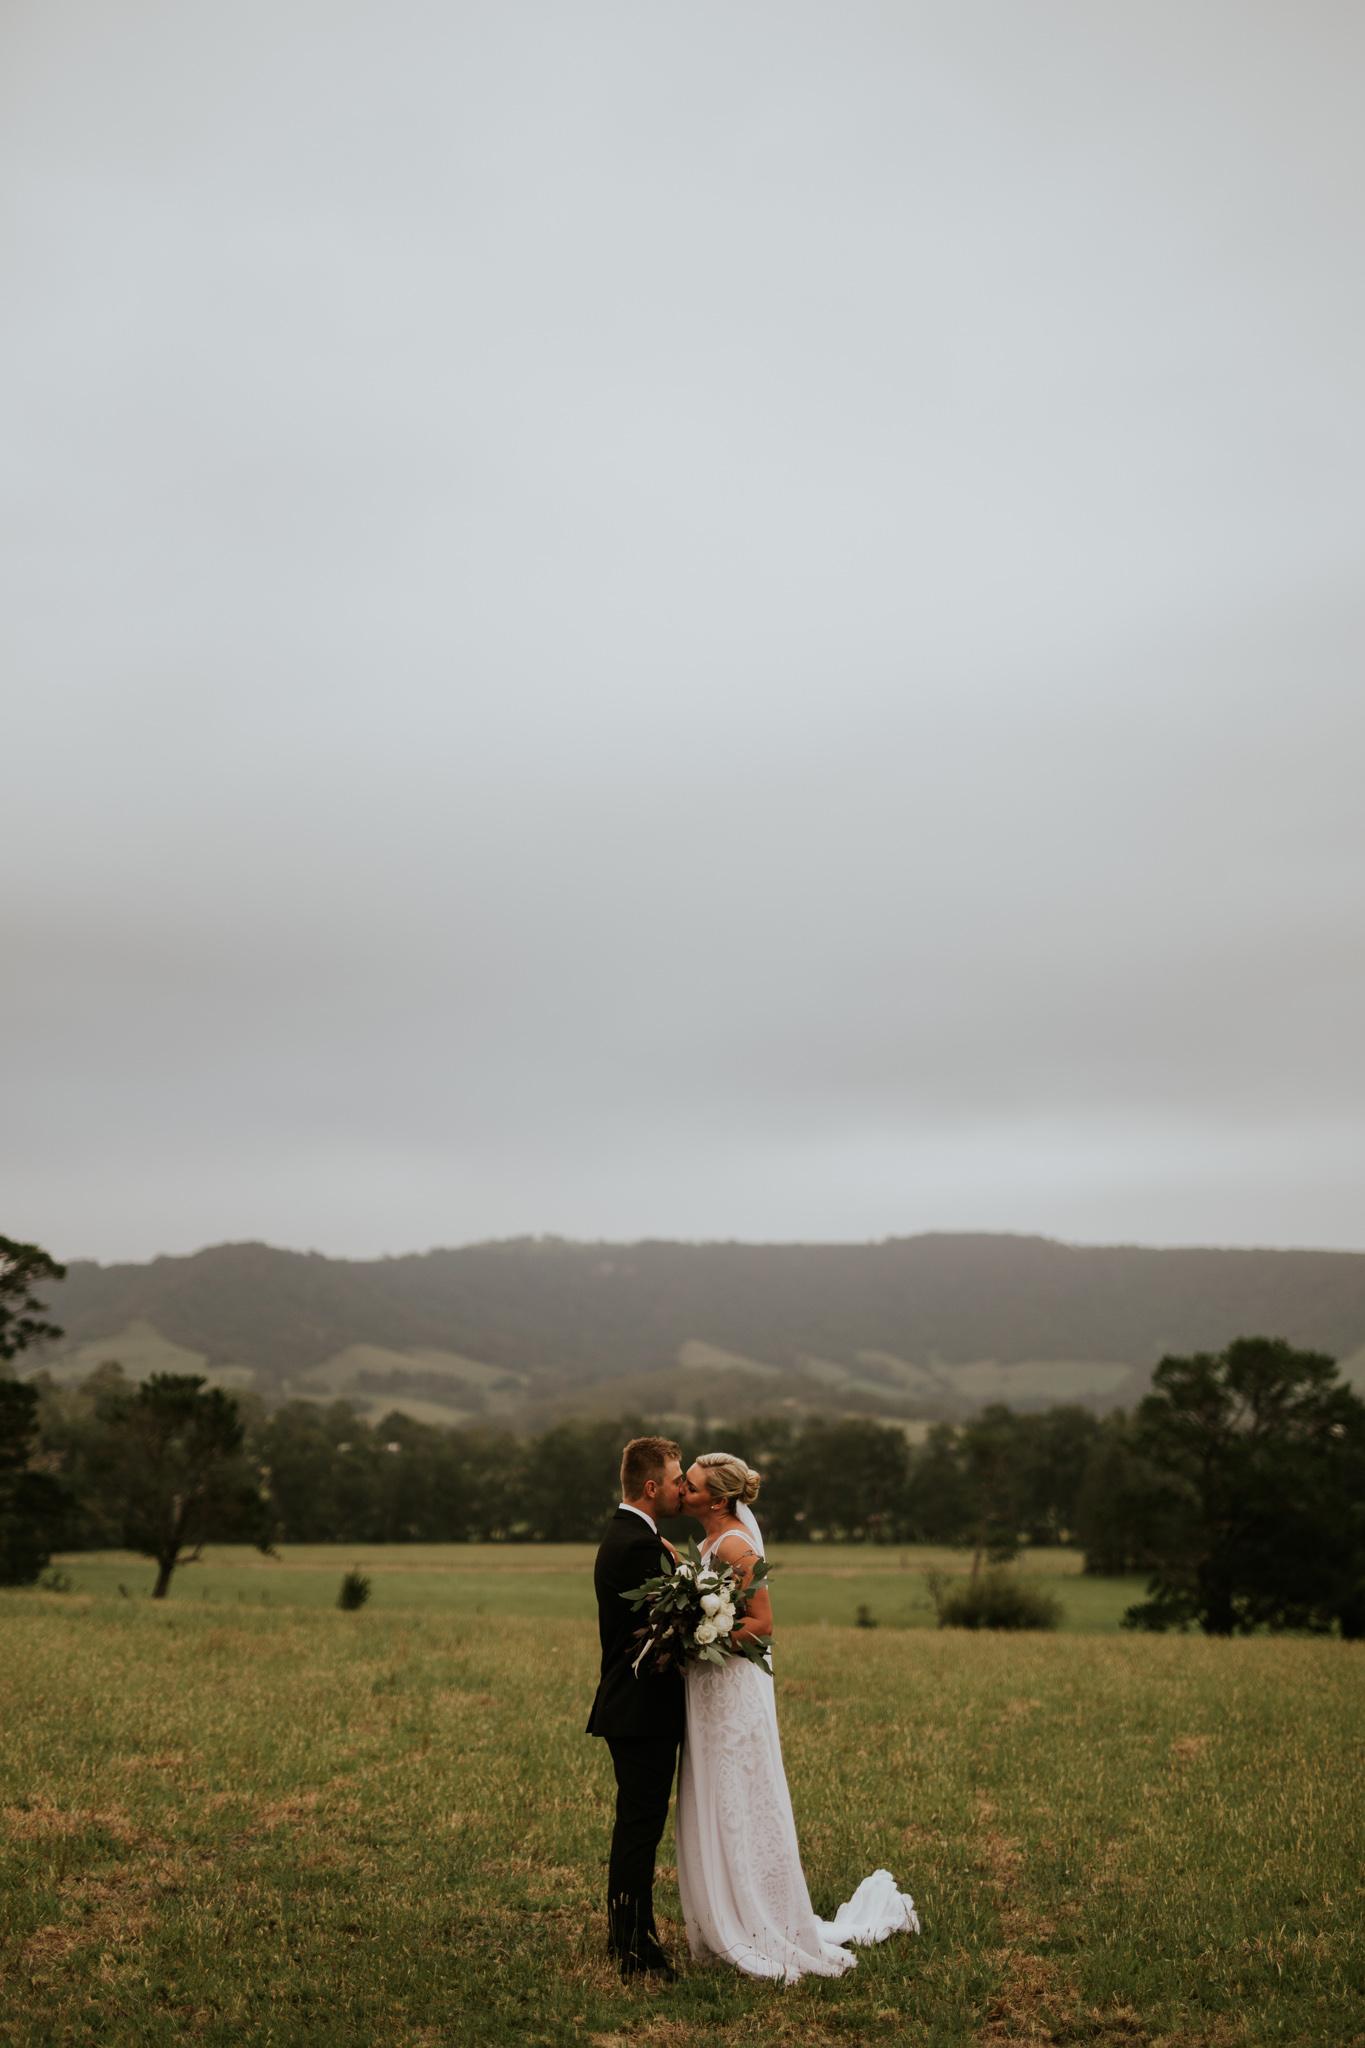 Lucy+Kyle+Kiama+Sebel+wedding-97.jpg